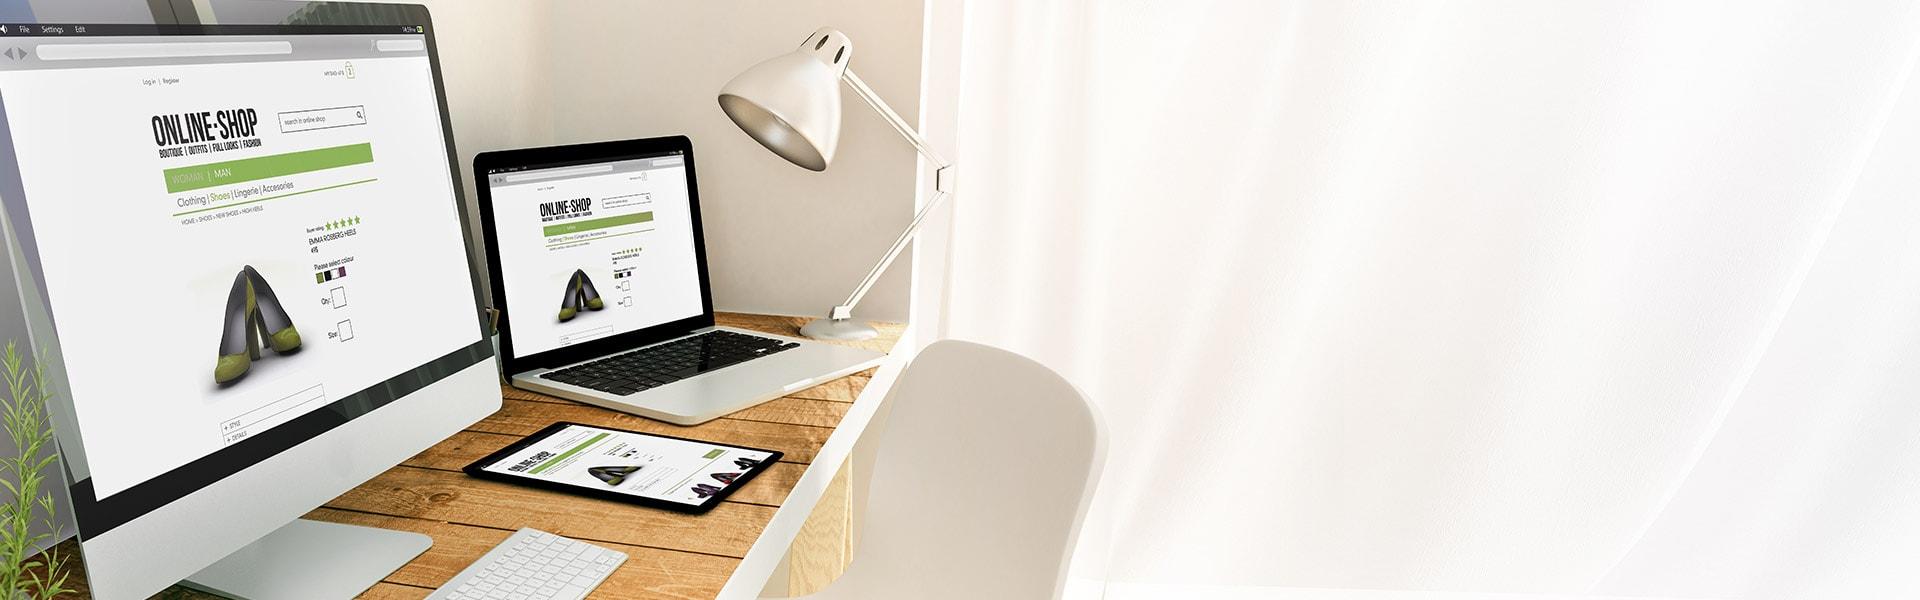 Online-Shop Schnittstellen in der Warenwirtschaft